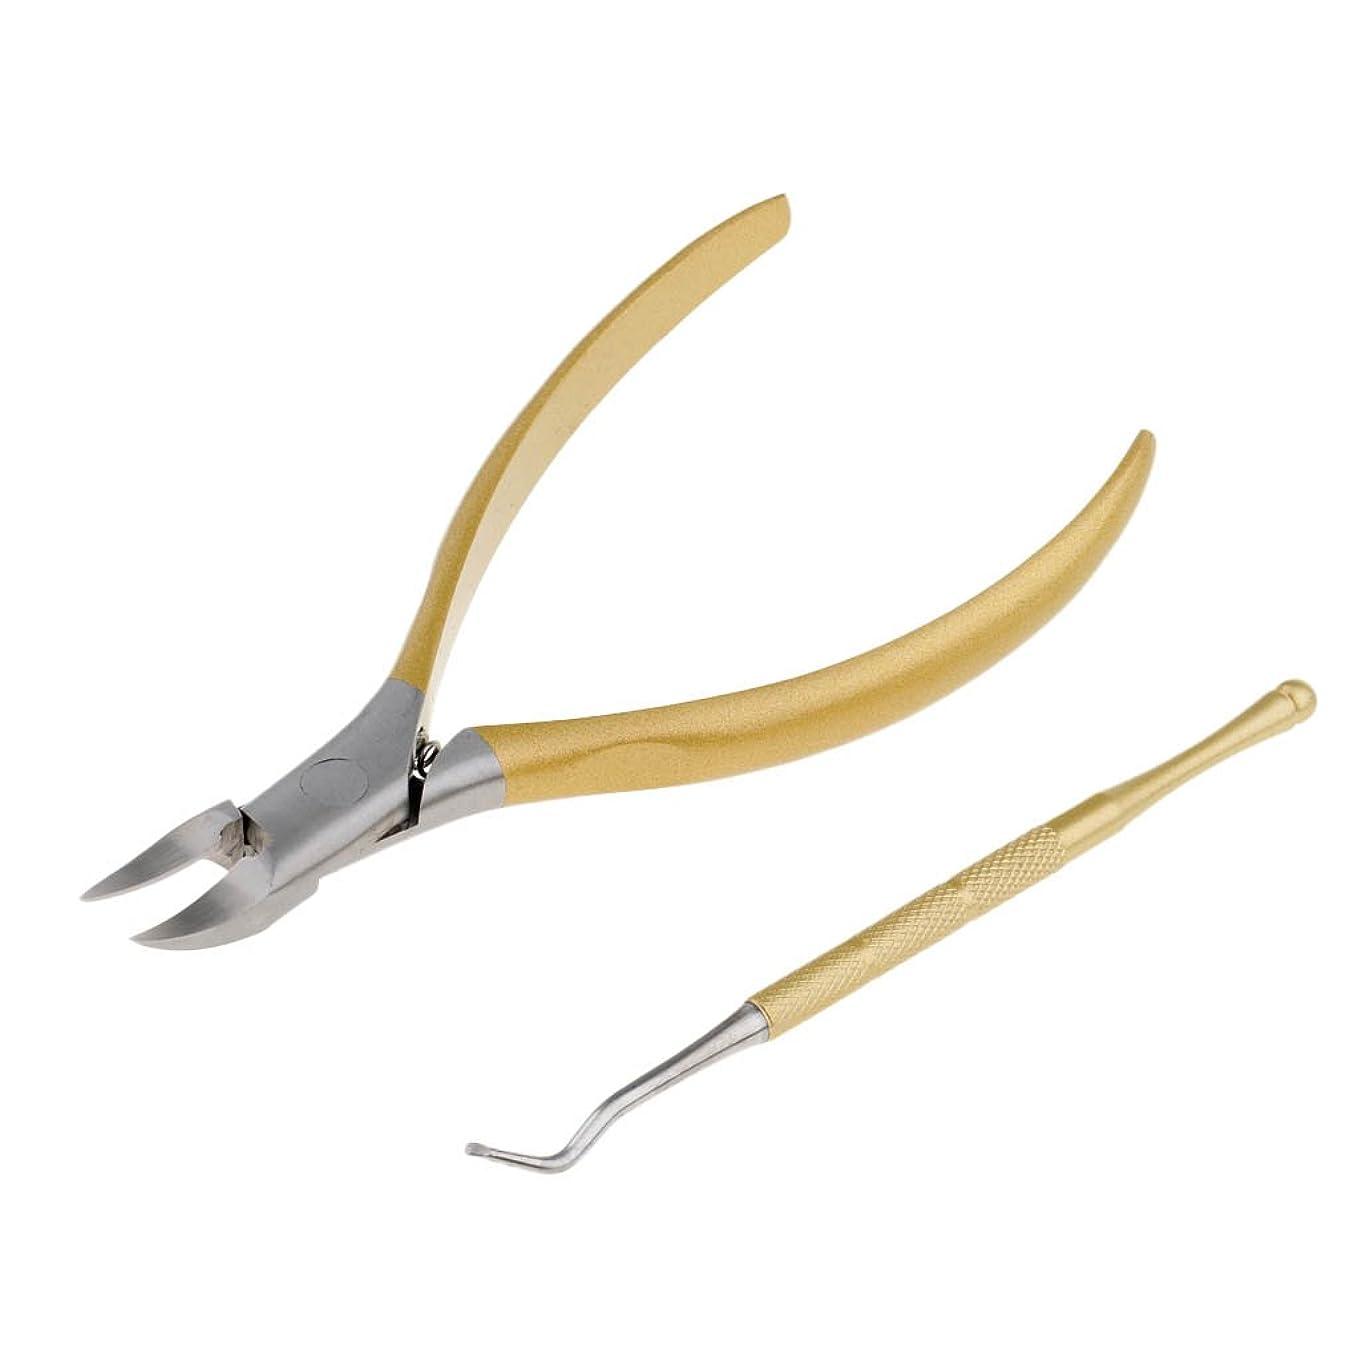 最適包帯ニコチンKesoto 2点入り カッター クリッパー ネイルケア 爪やすり ステンレス クリッパー 4色選べる - ゴールデン